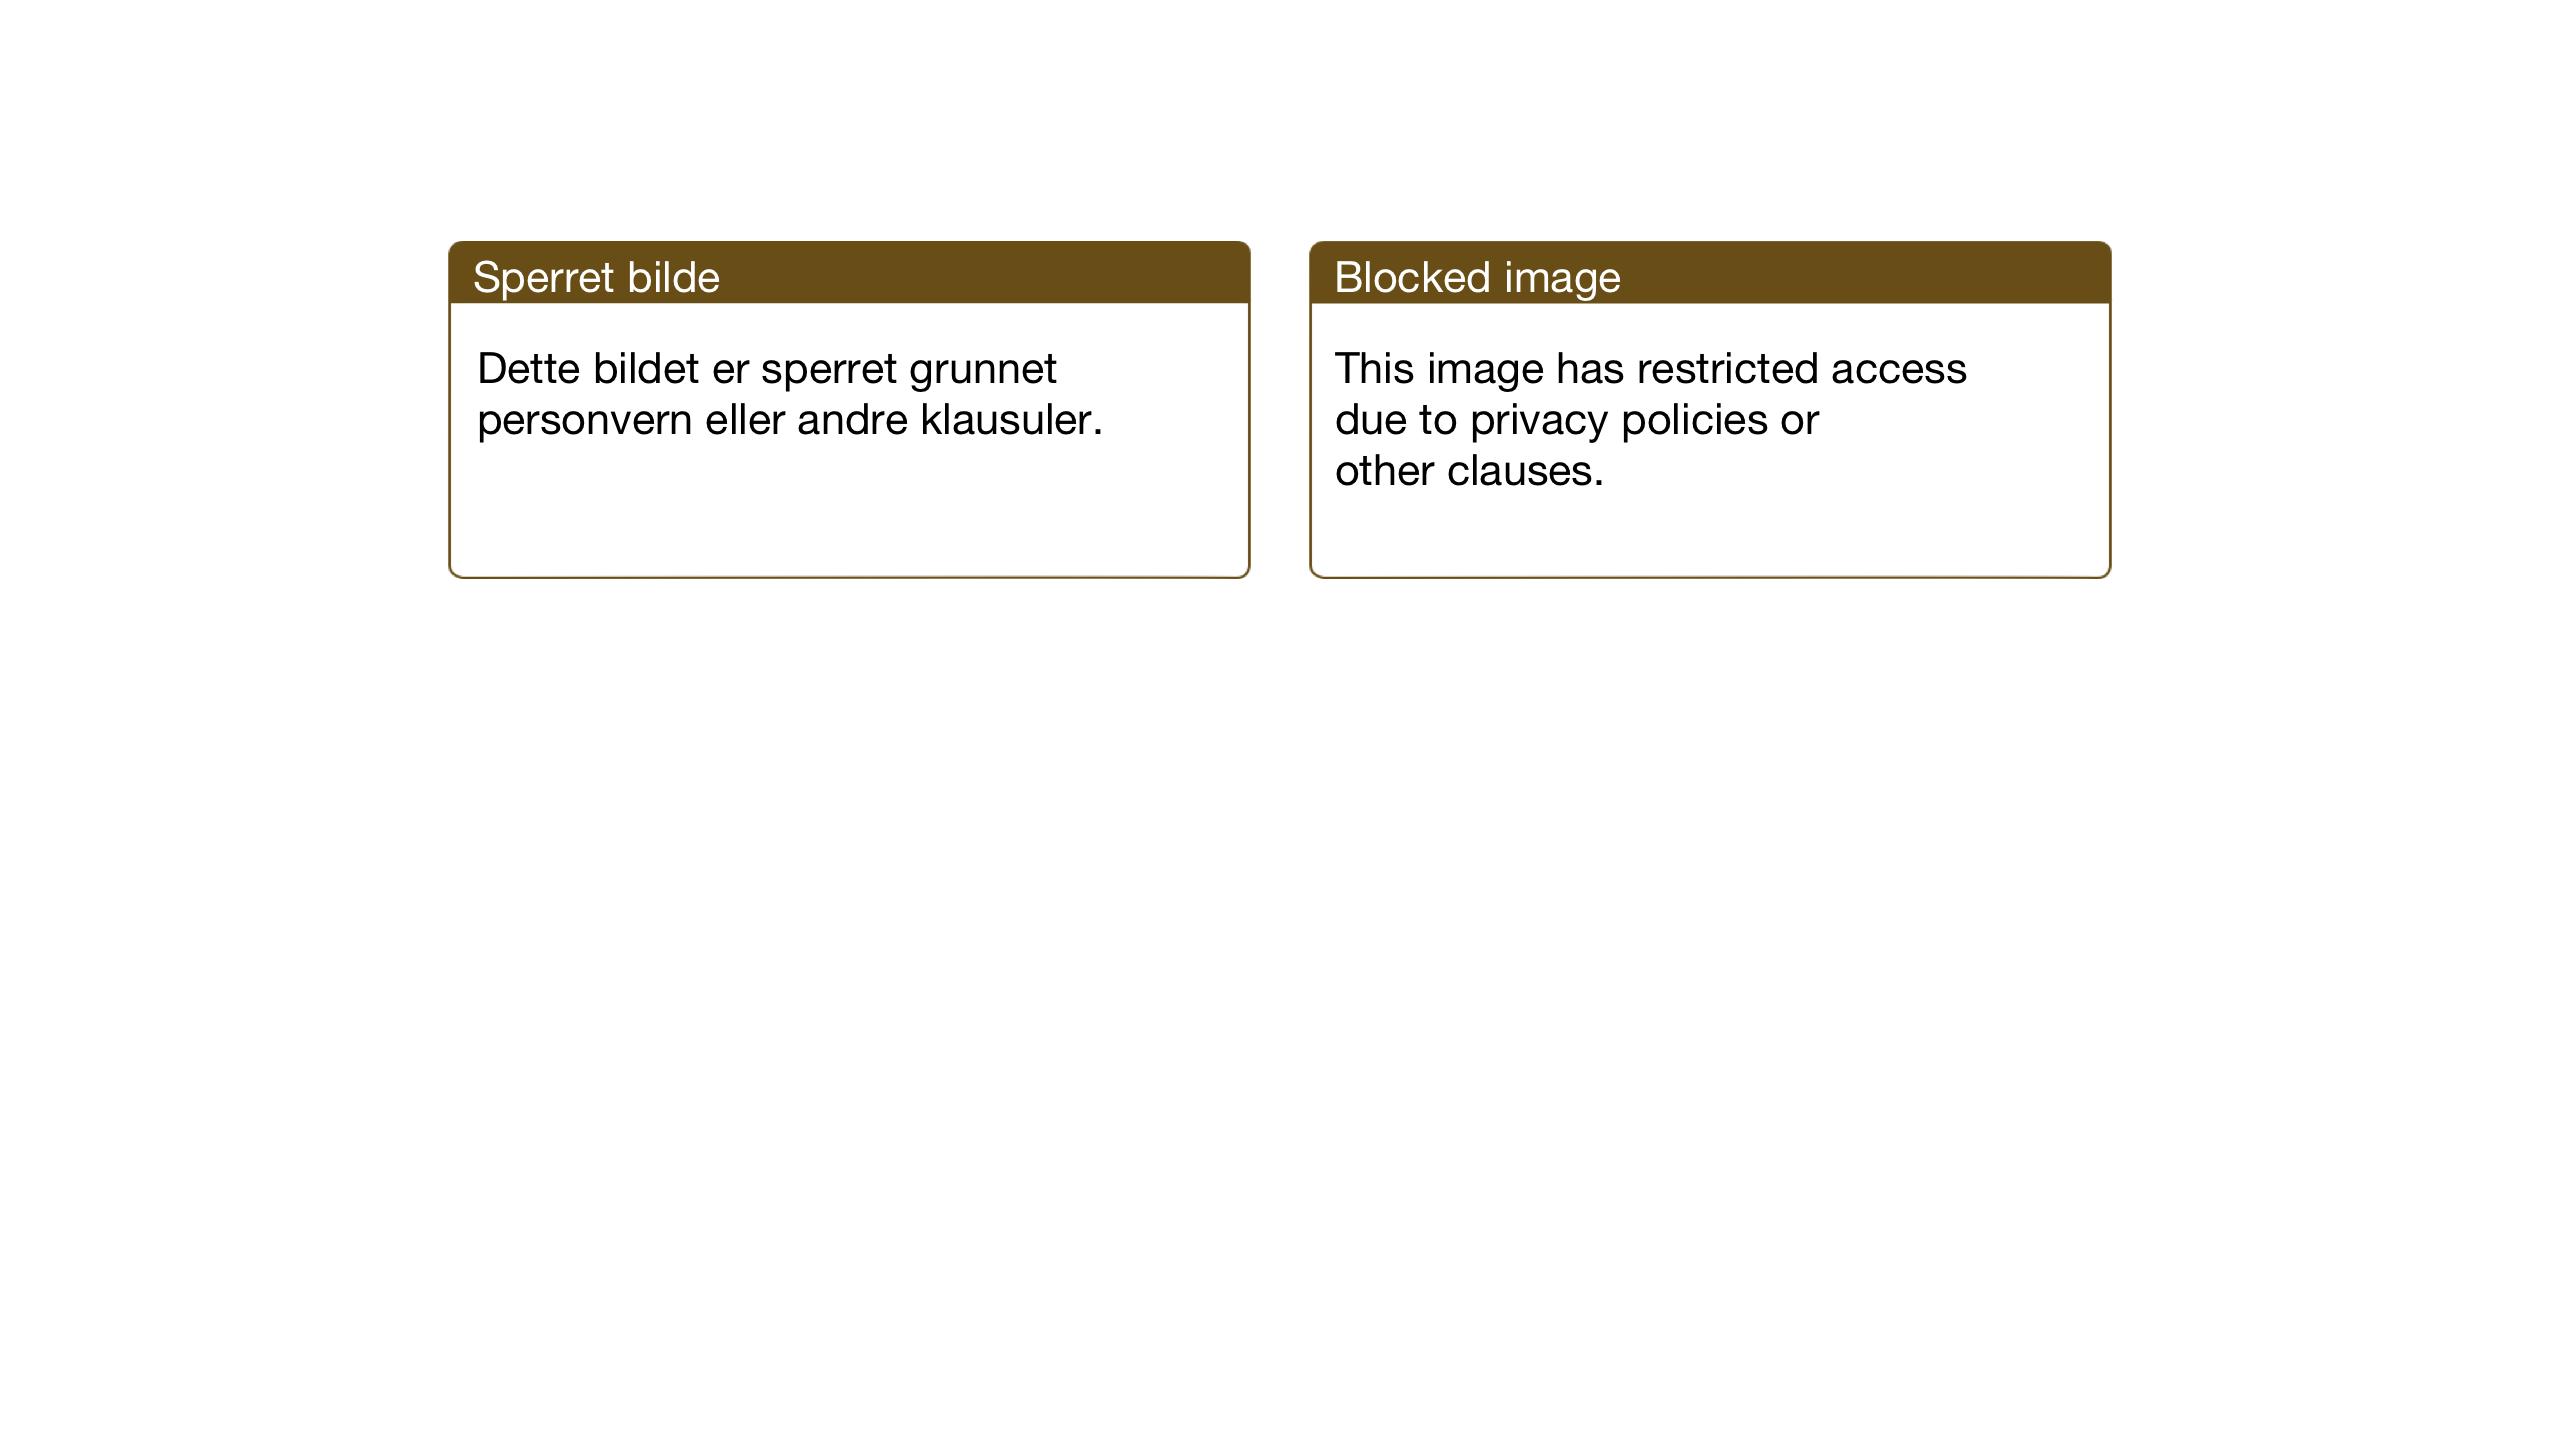 SAT, Ministerialprotokoller, klokkerbøker og fødselsregistre - Sør-Trøndelag, 631/L0515: Klokkerbok nr. 631C03, 1913-1939, s. 52